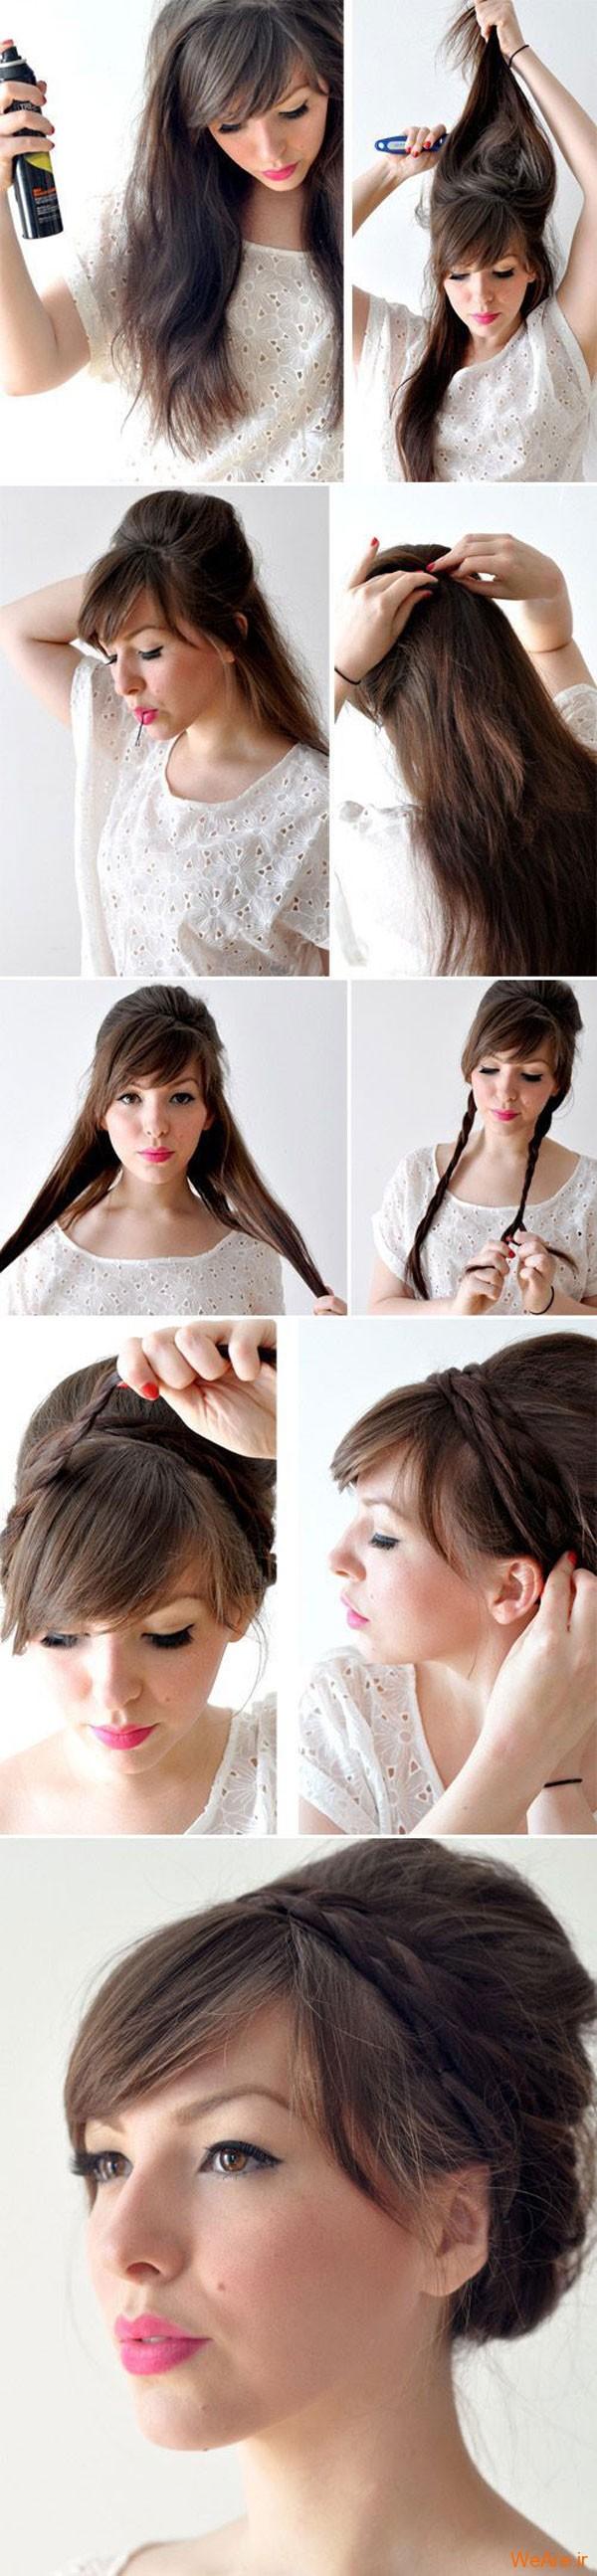 روش های بستن مو (8)